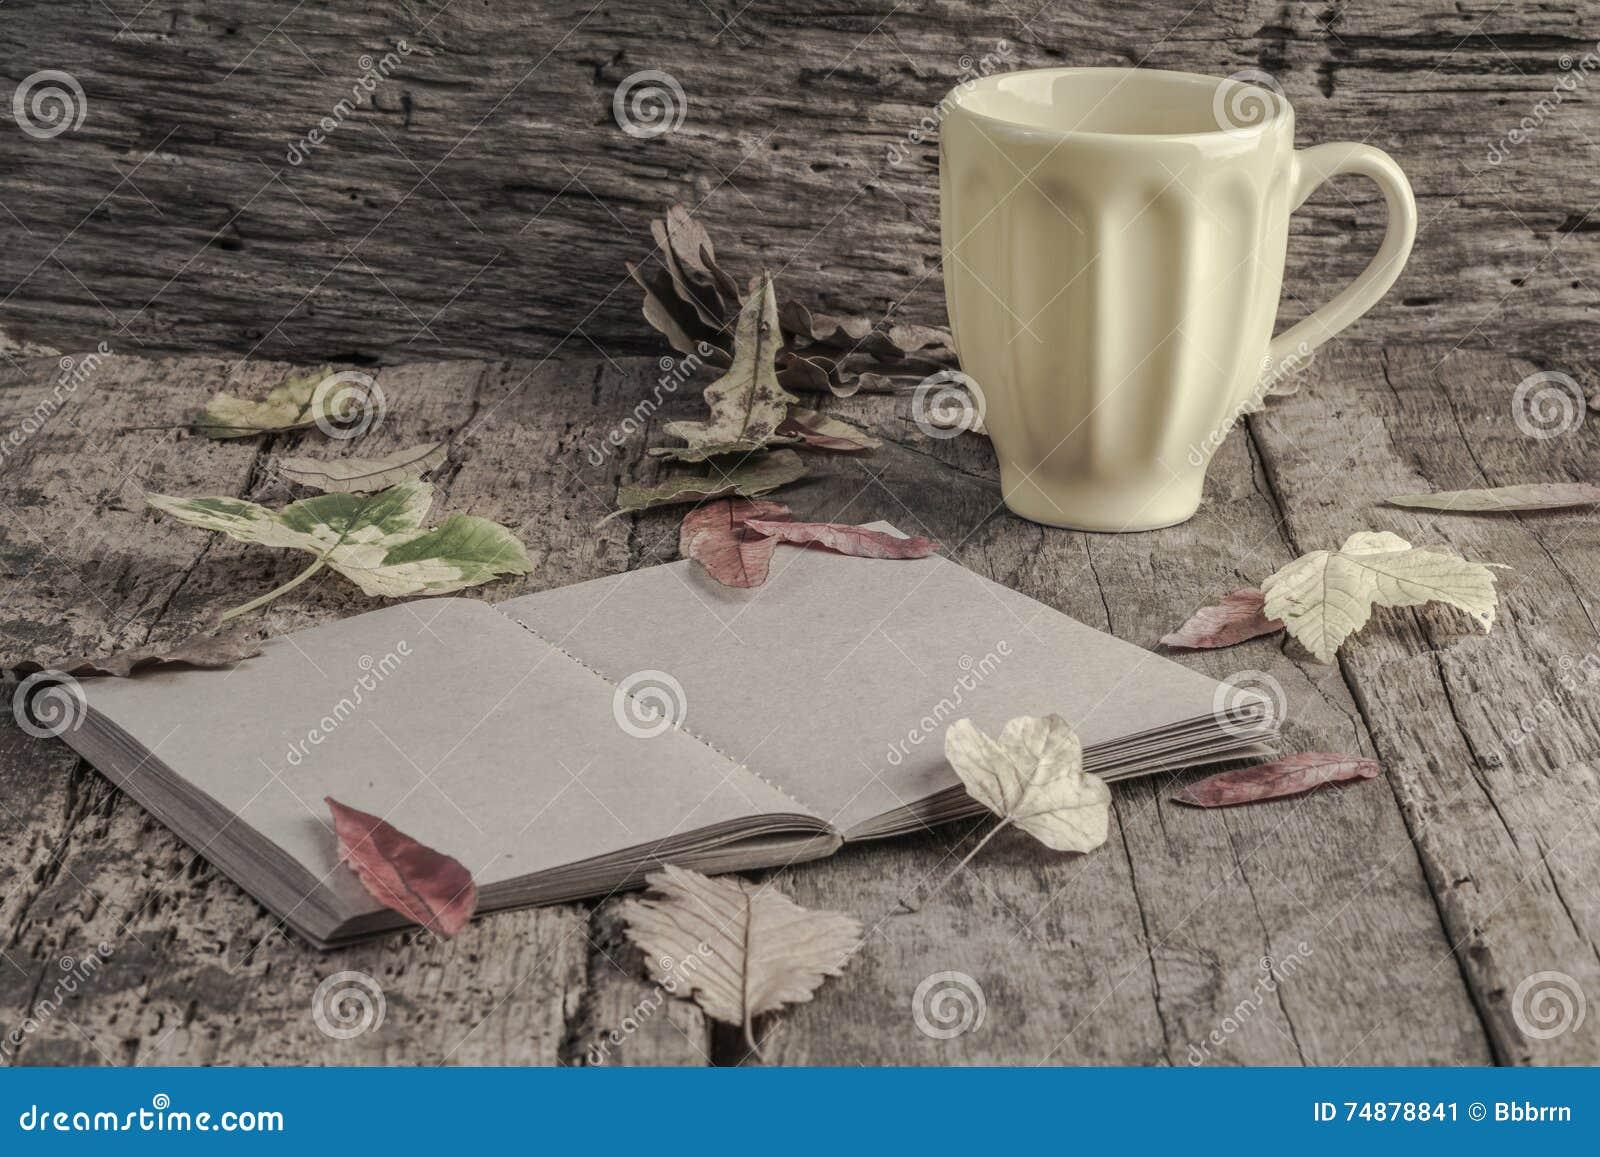 Caderno e café na tabela de madeira decorada com folhas secadas